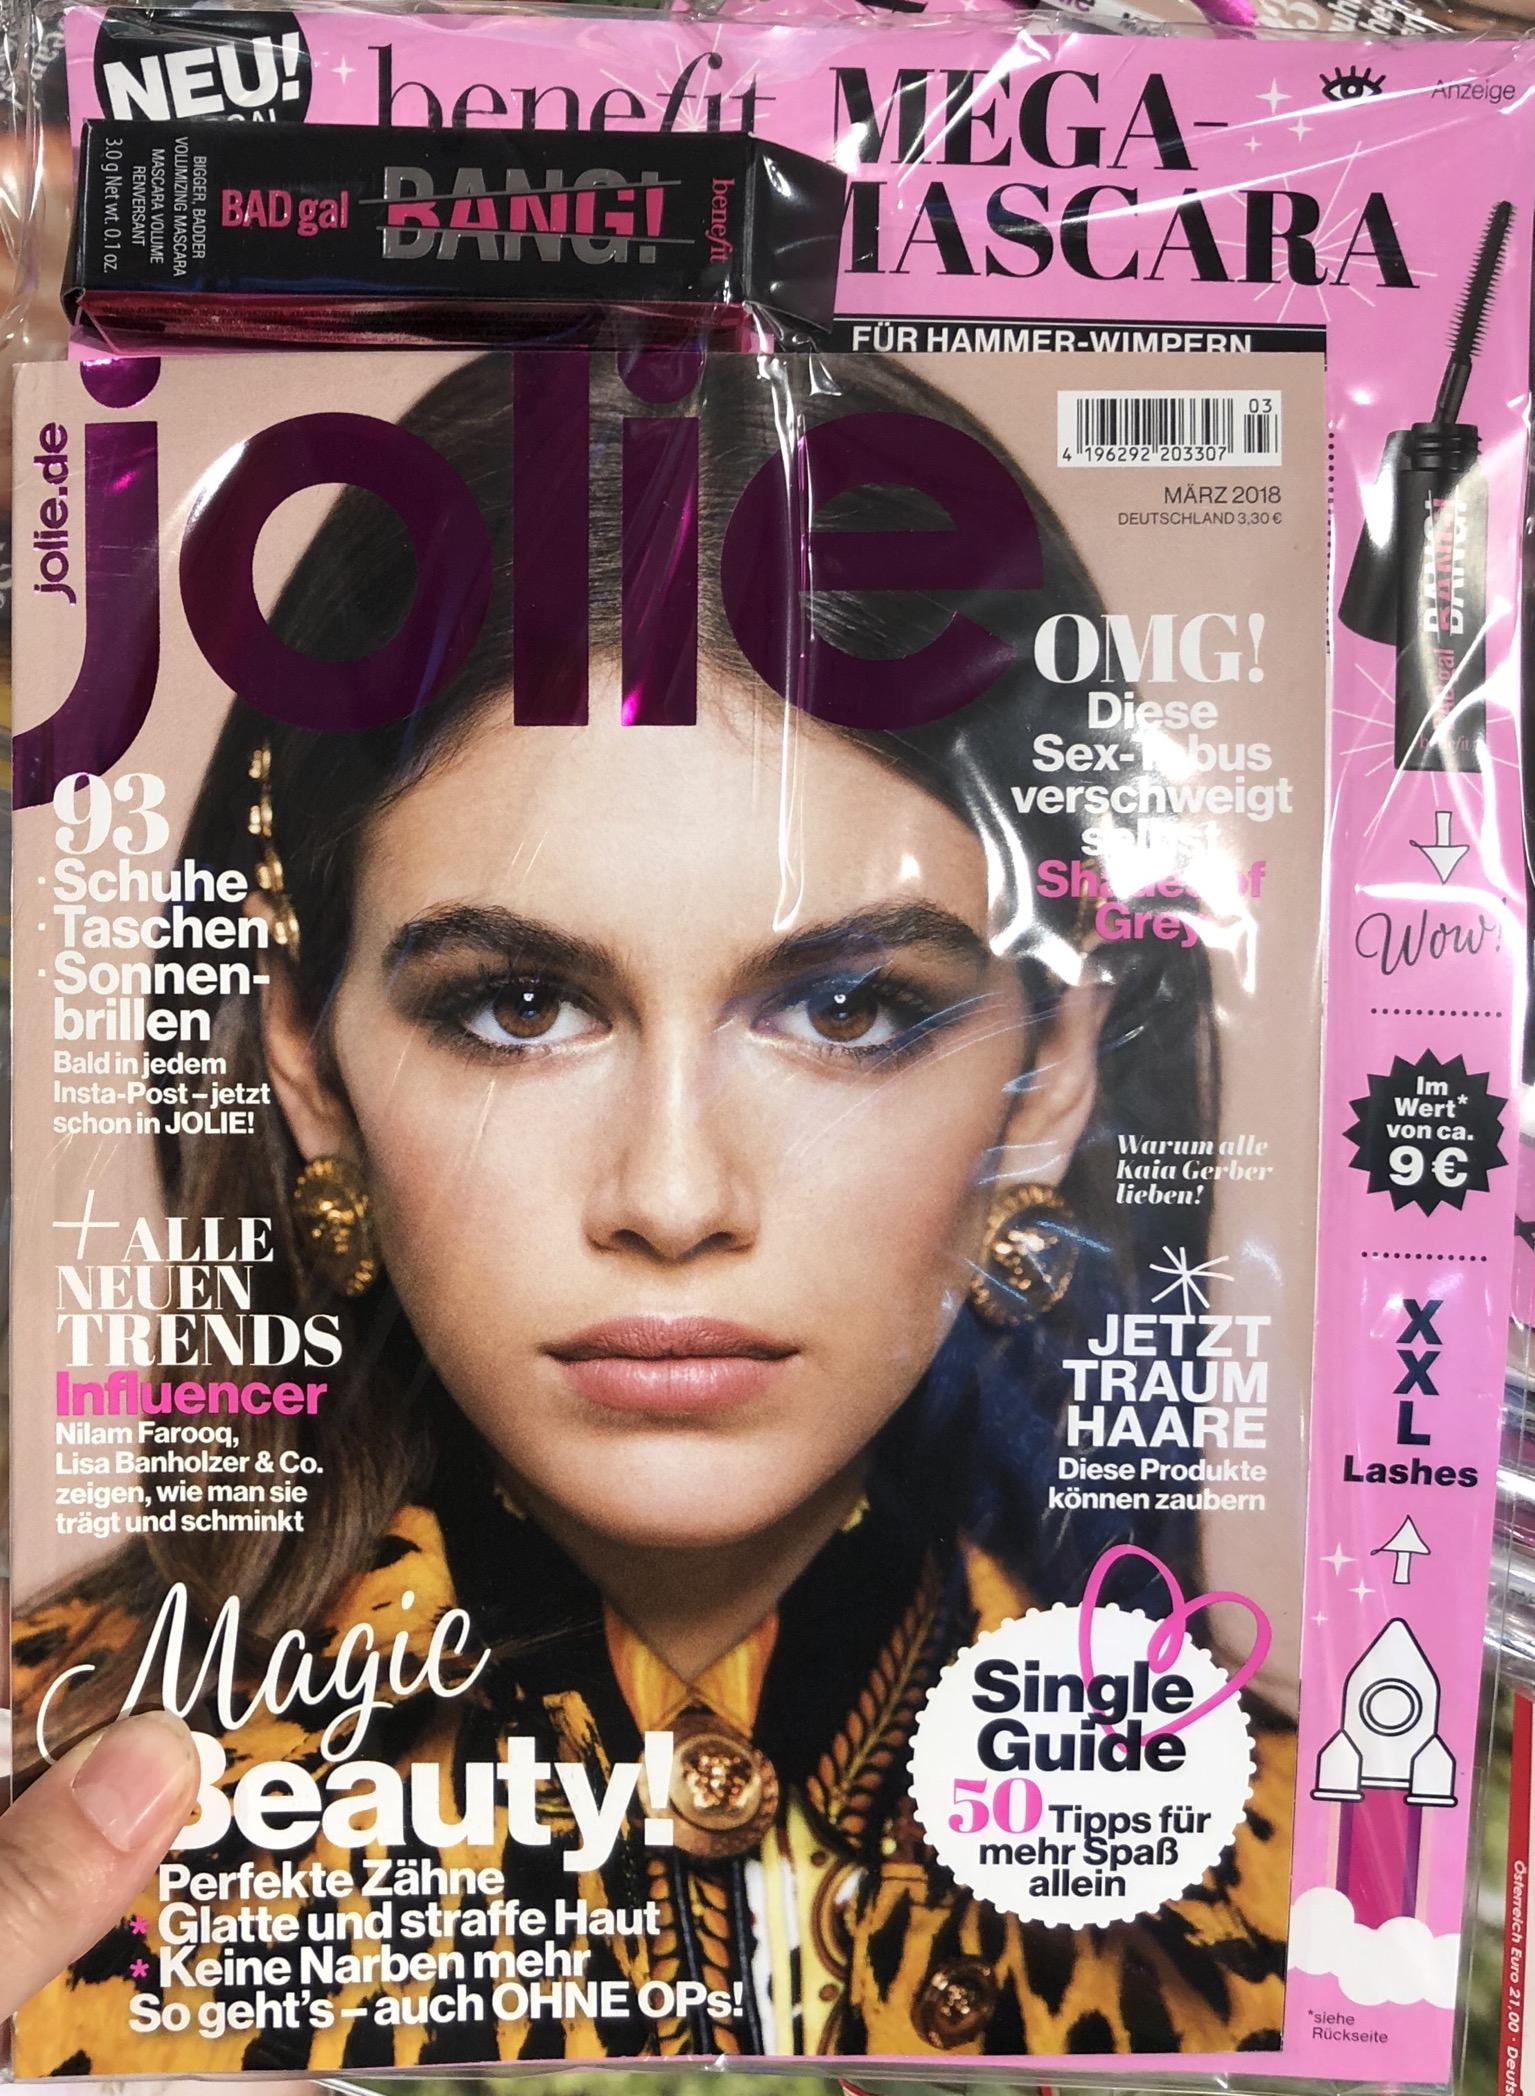 Gratis Probe der neuen Benefit Mascara beim Kauf der Zeitschrift Jolie